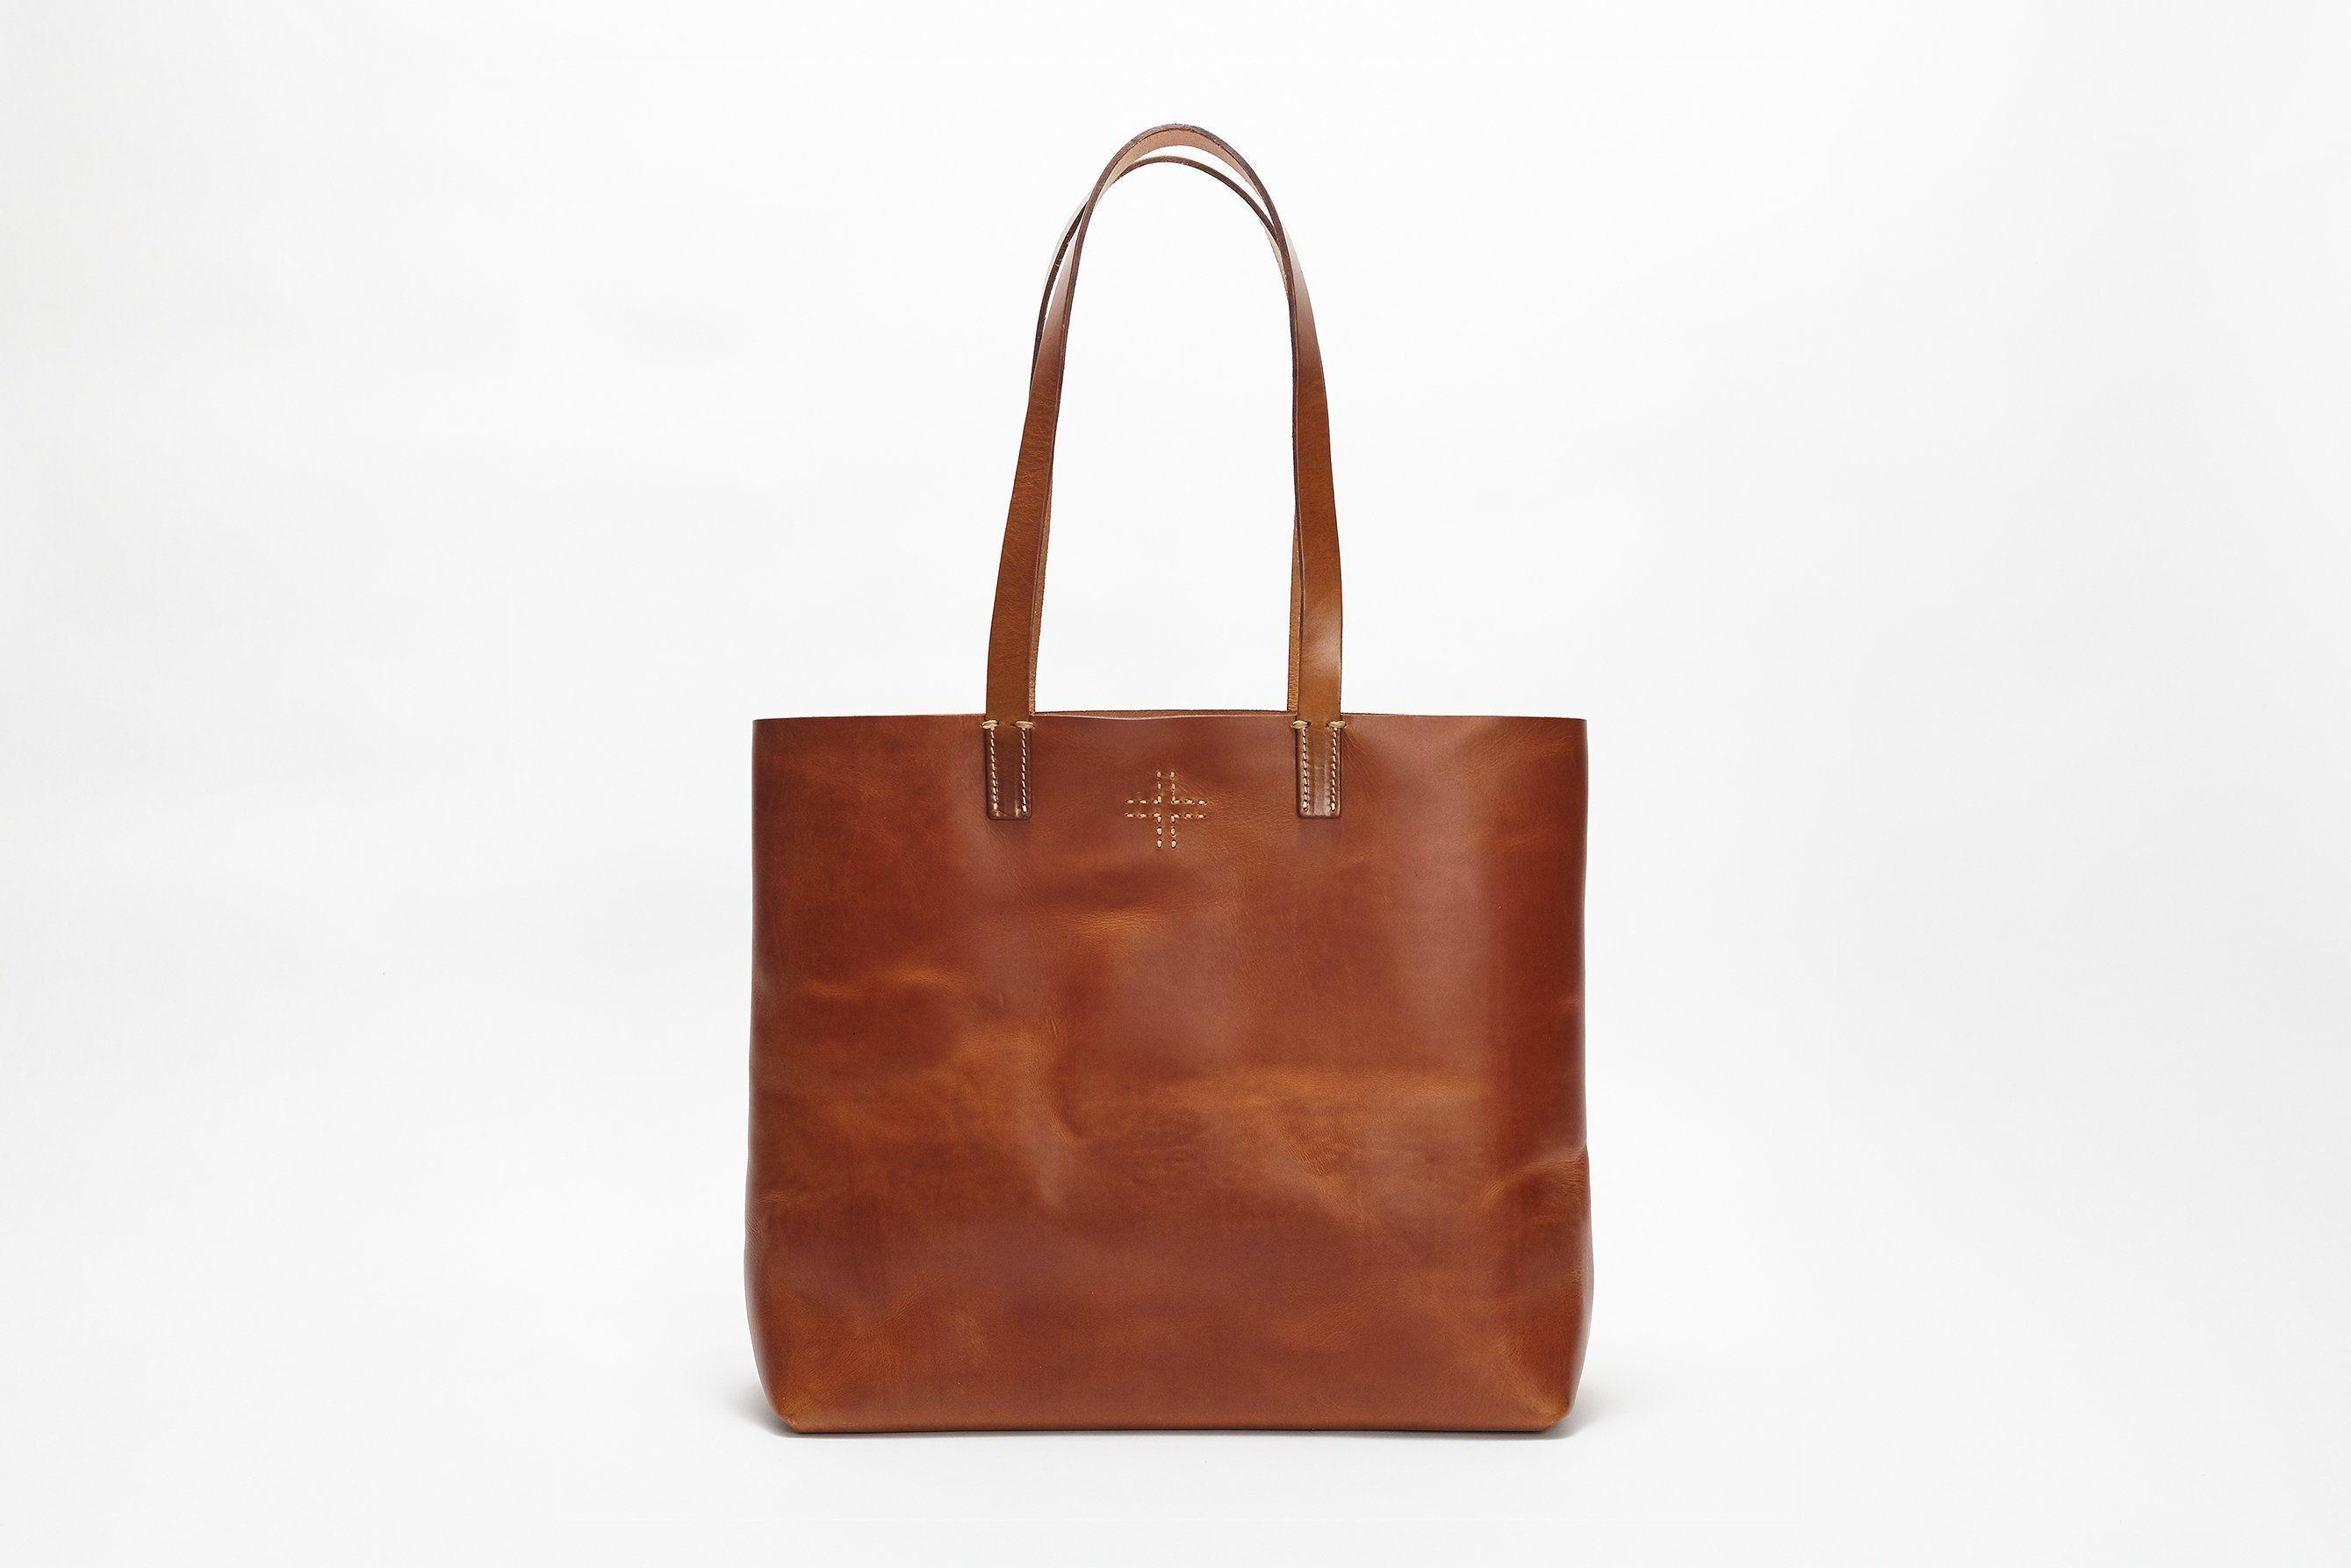 86ac9c43777f3 Vintage Tote Bag - Tan